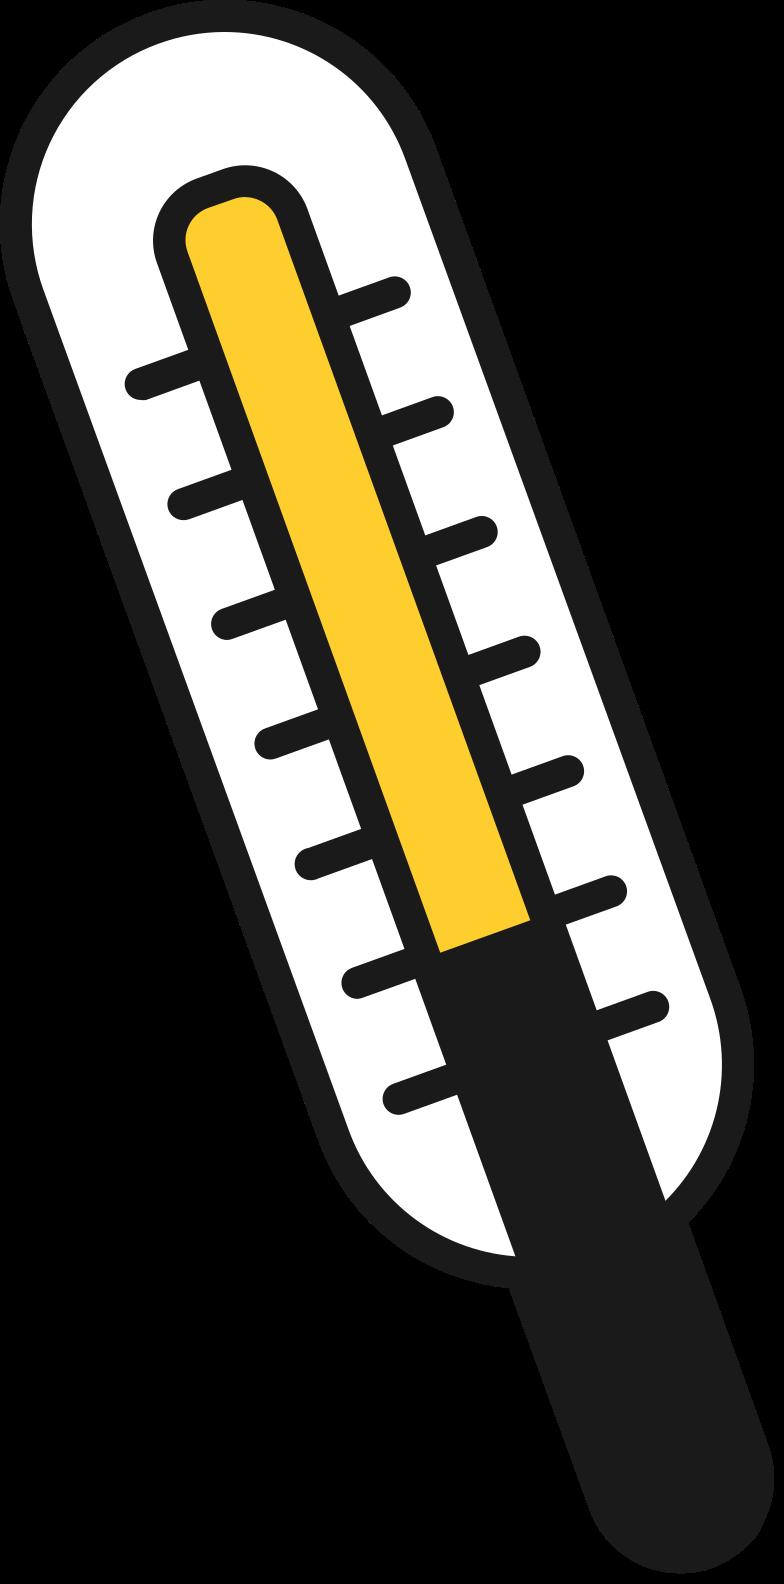 PNGとSVGの  スタイルの thermometer ベクターイメージ | Icons8 イラスト